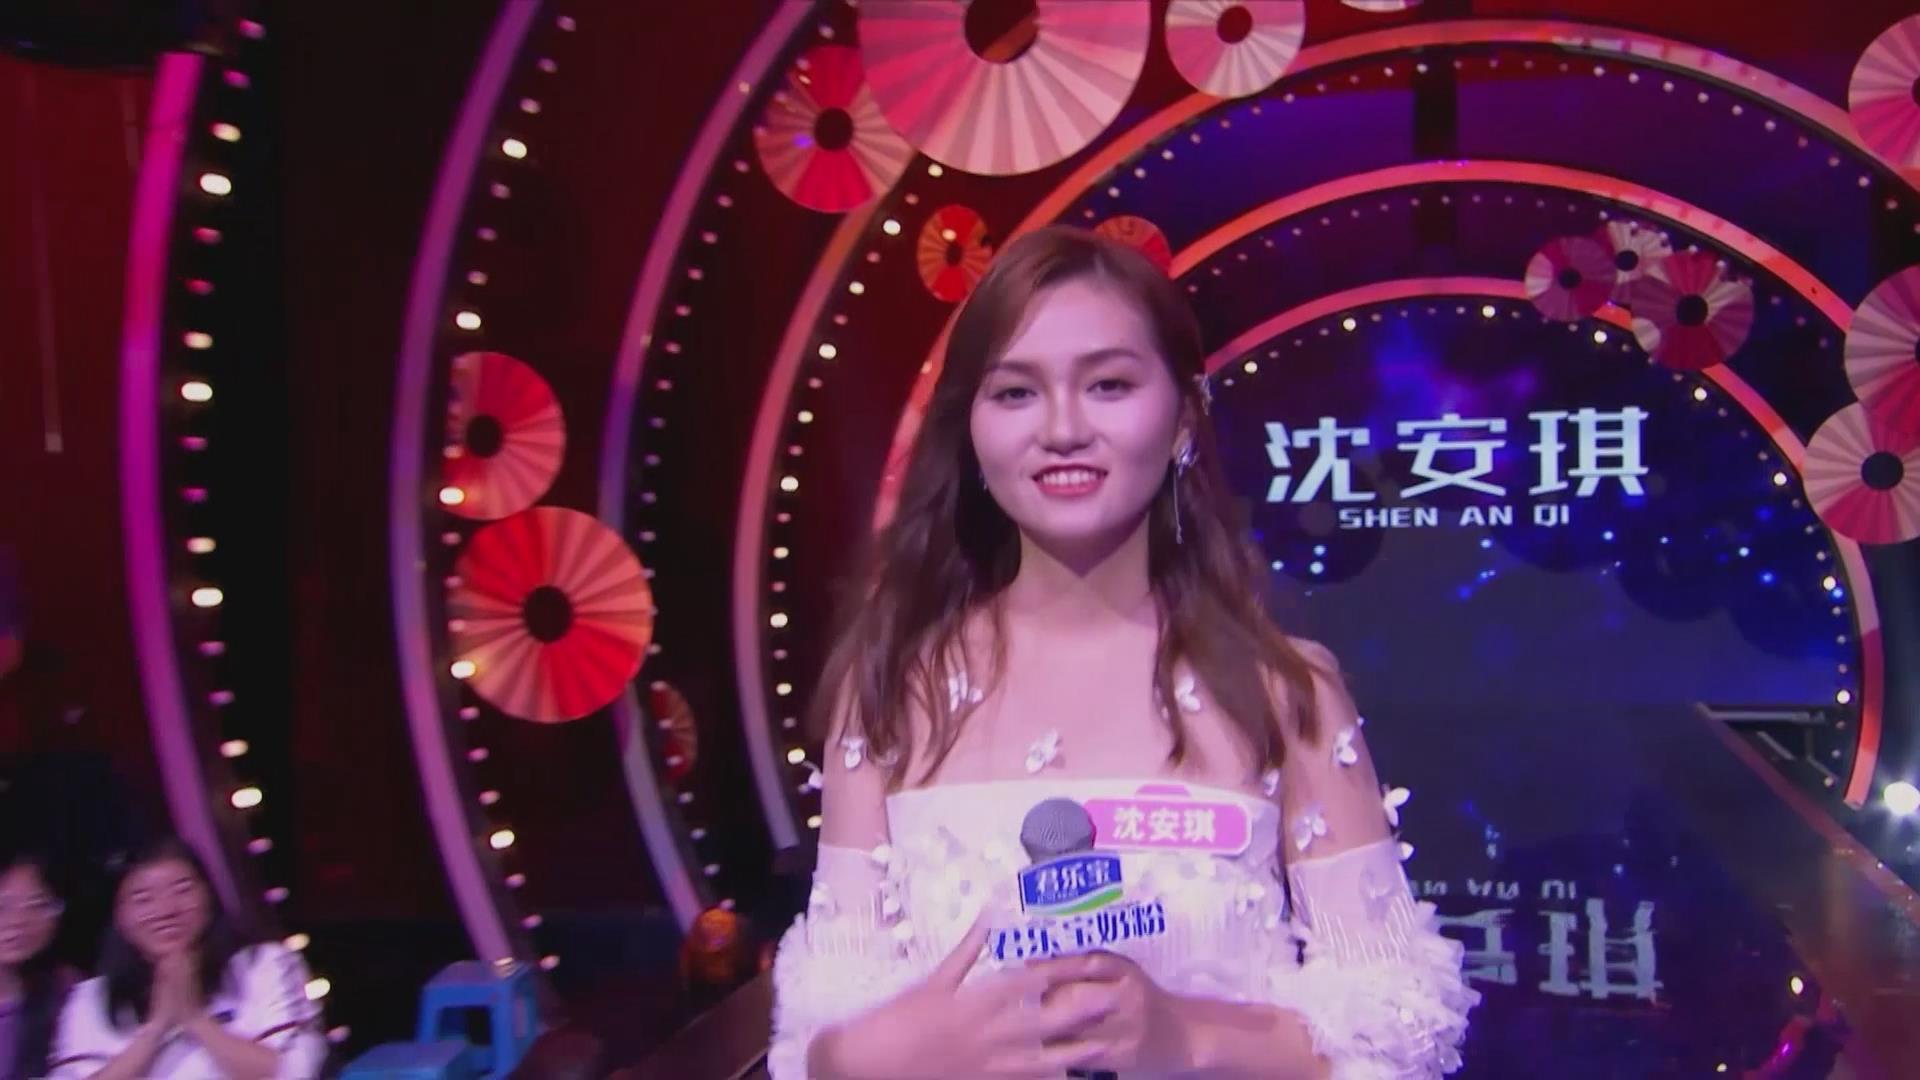 新相亲:国际汉语教师,江苏心动女孩登场!